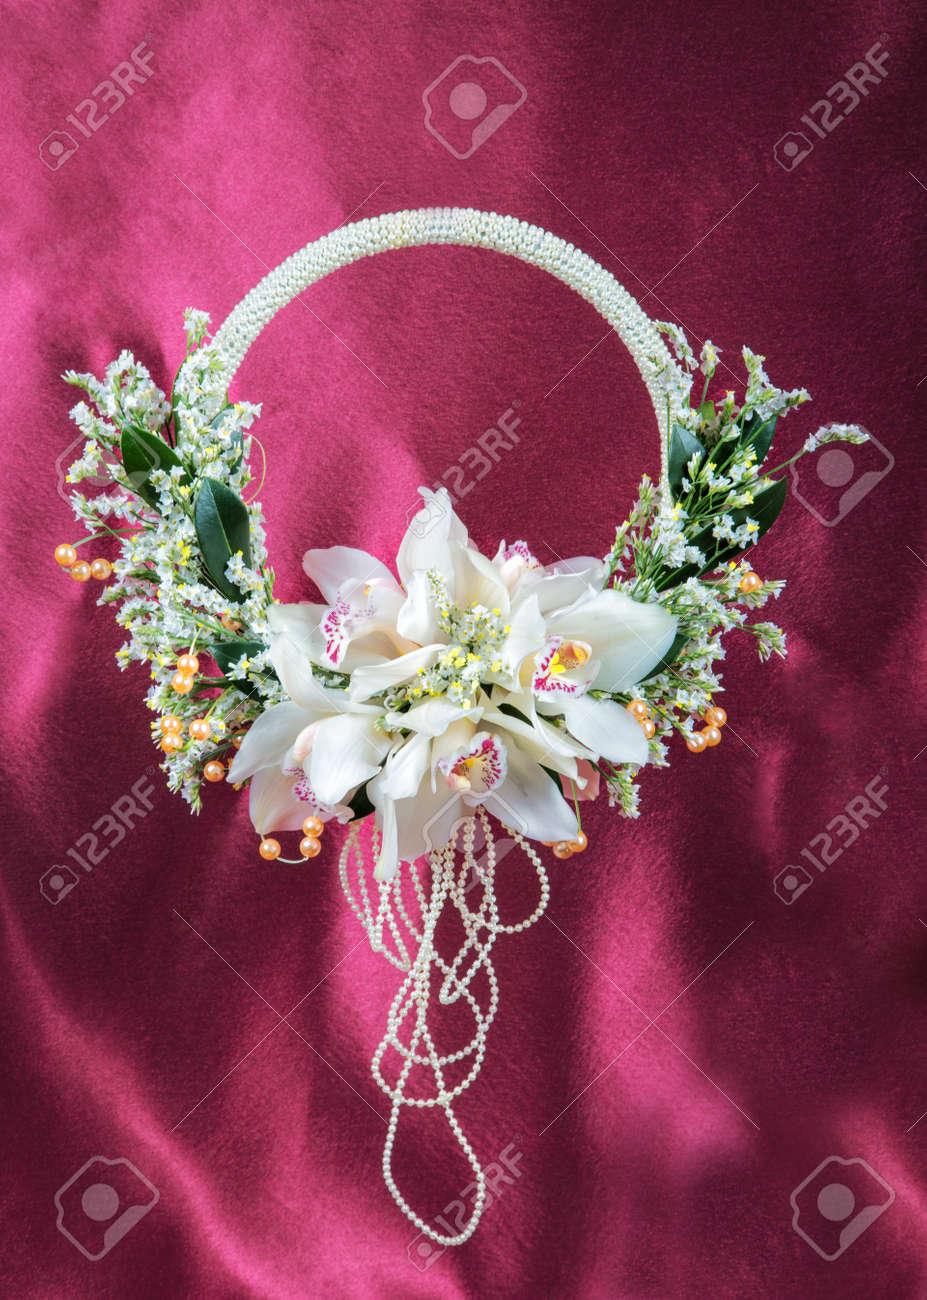 Hochzeitsstrauss Mit Orchideen Gegen Einen Stoff Lizenzfreie Fotos